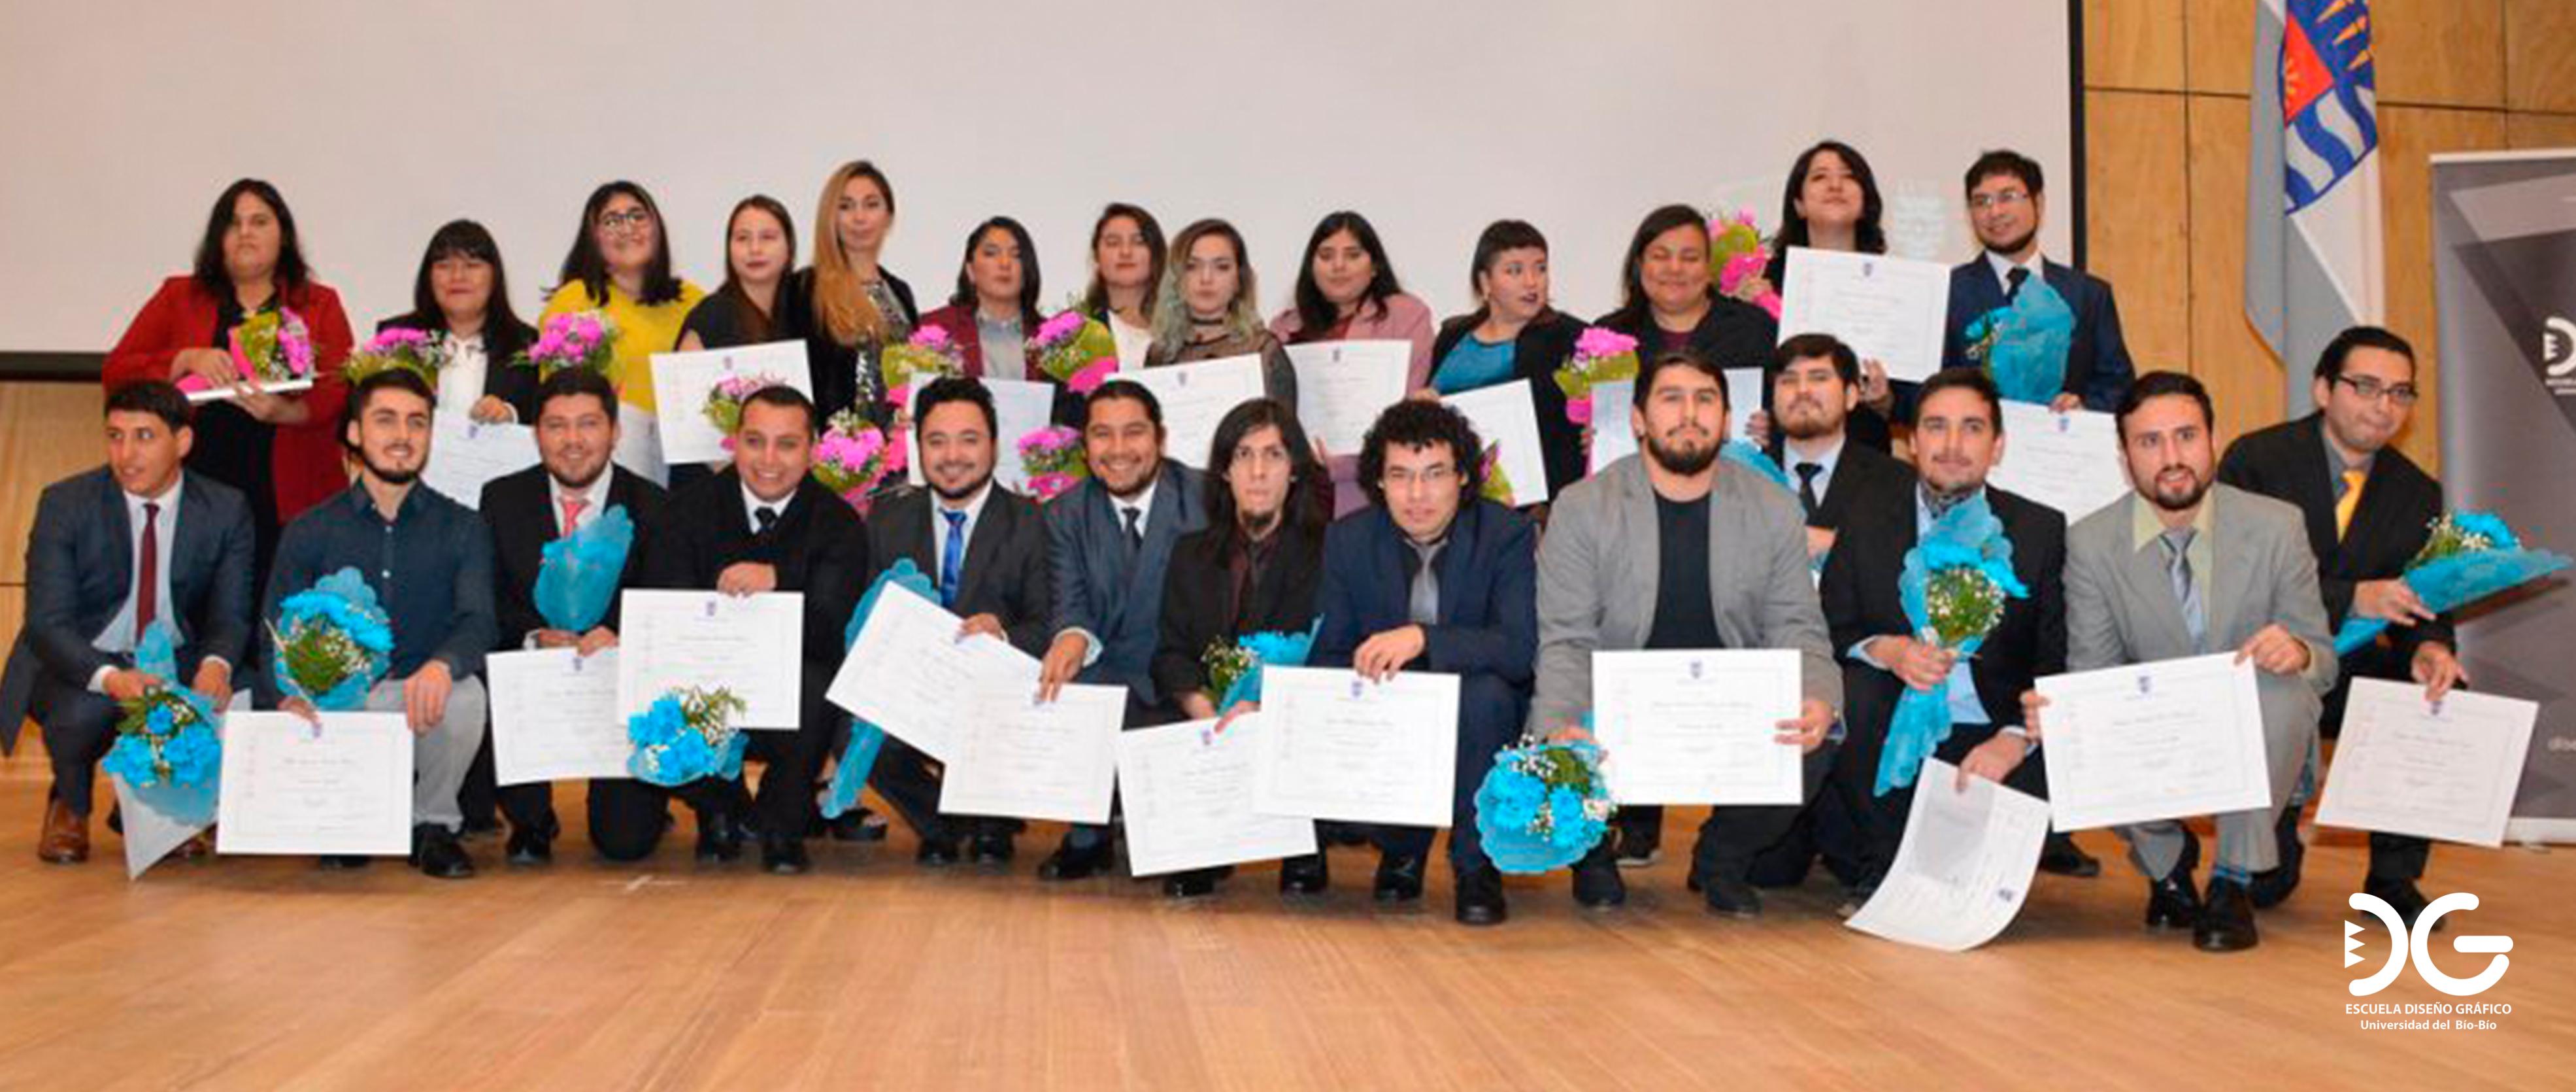 Nueva generación de Diseñadores Gráficos UBB recibieron su diploma de título profesional